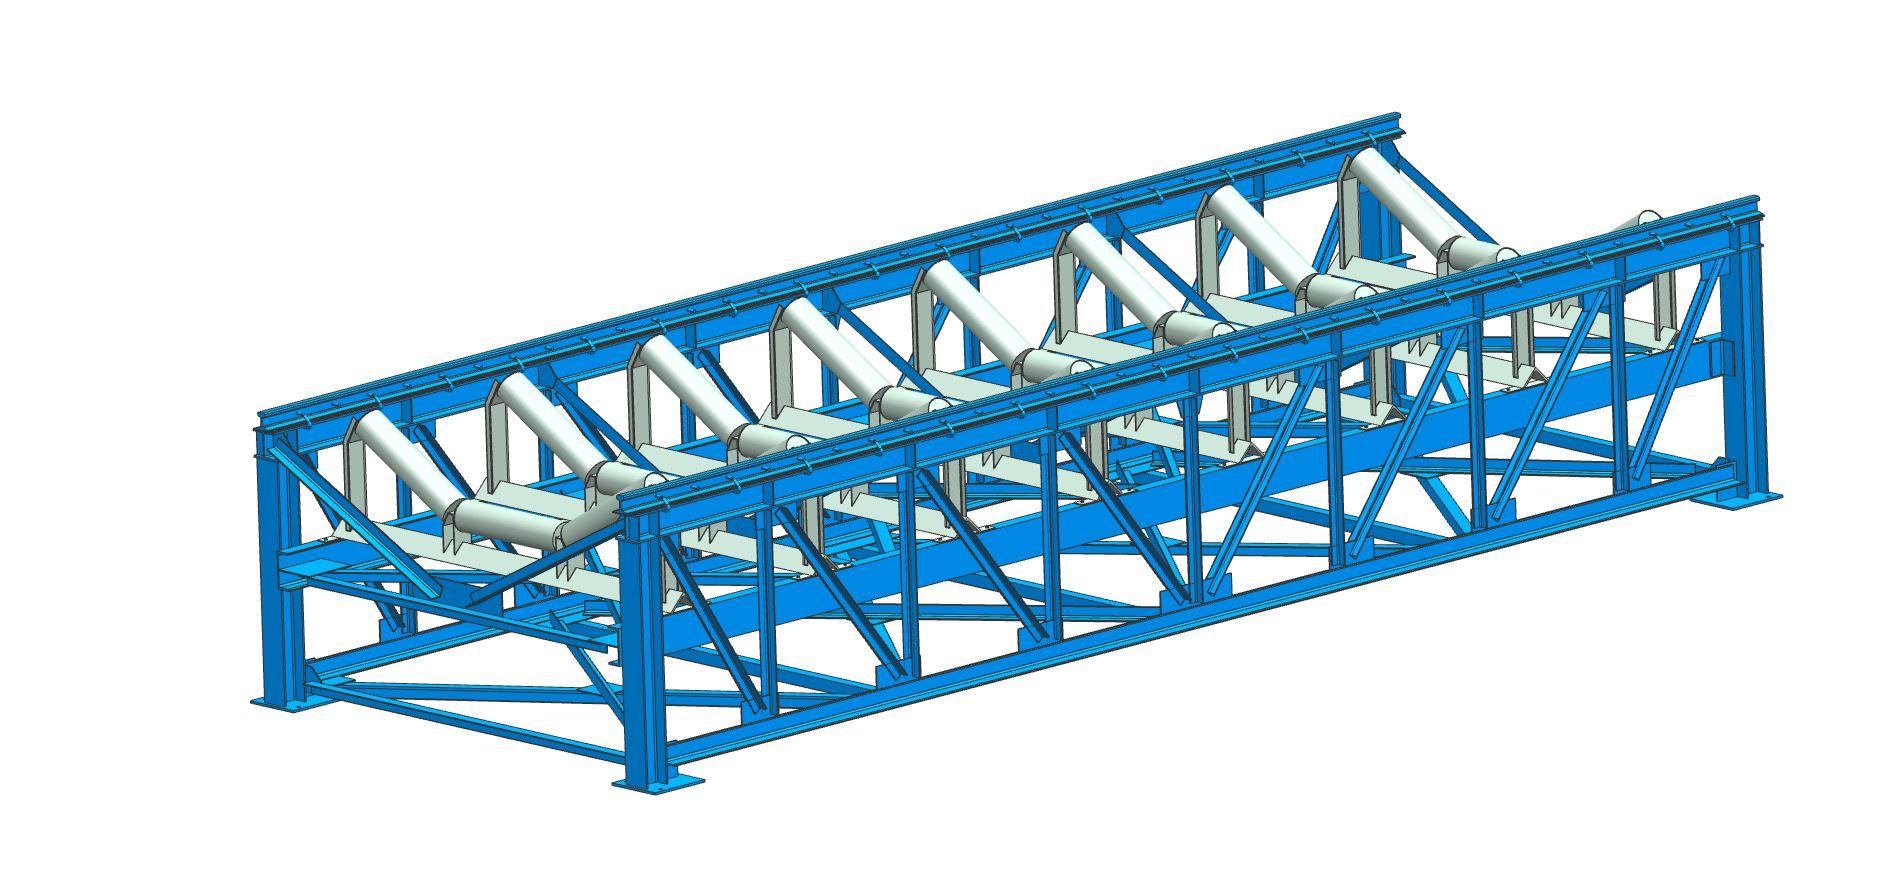 girder conveyor